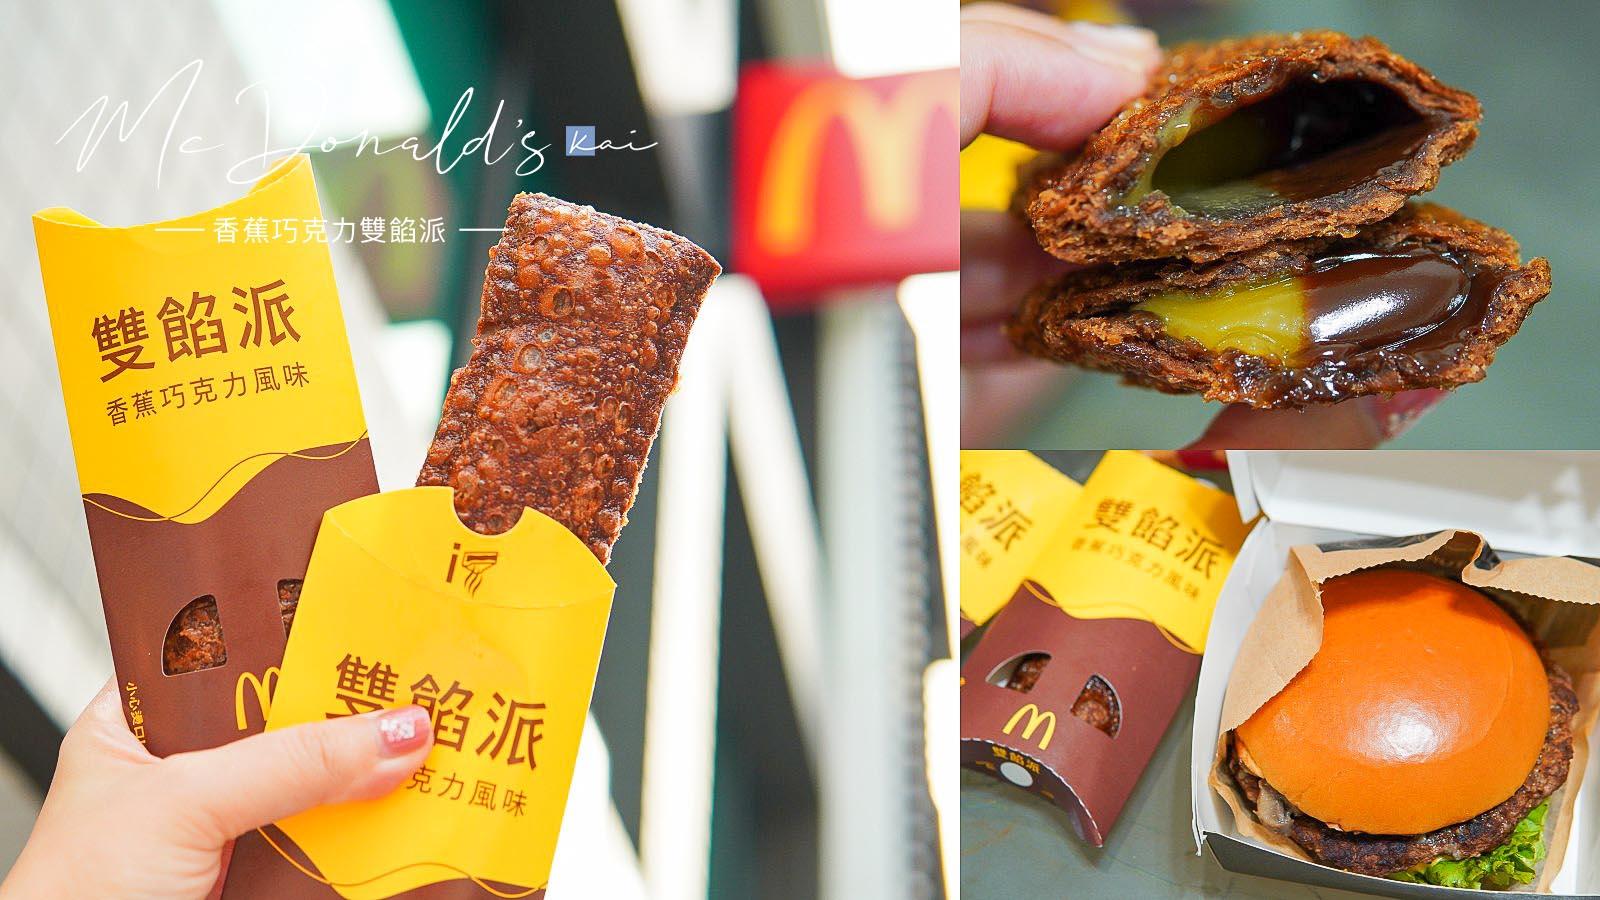 網站近期文章:☆【速食】麥當勞新品:香蕉巧克力派 好吃嗎?老實說沒有香蕉會更好